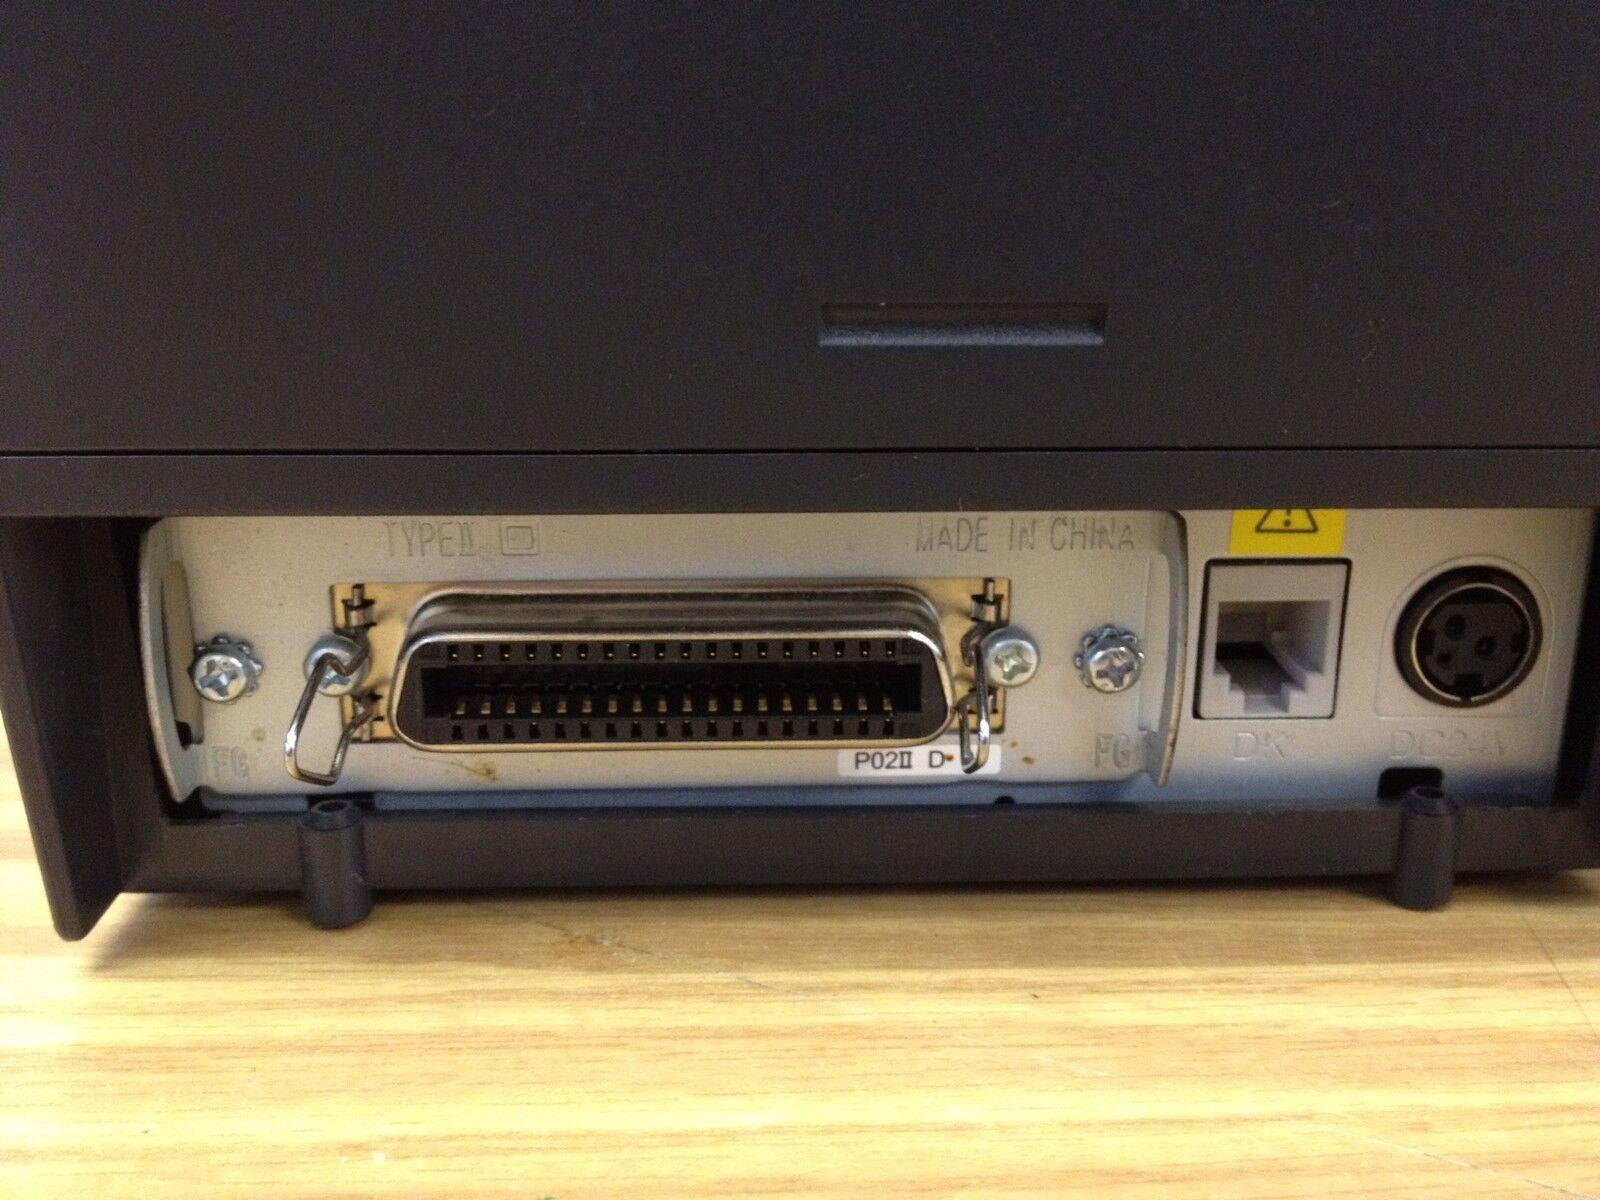 Epson Epson Epson superior de la línea Tm-t88iv Gris bonito refurb libre con fuente de alimentación Paralelo c22861